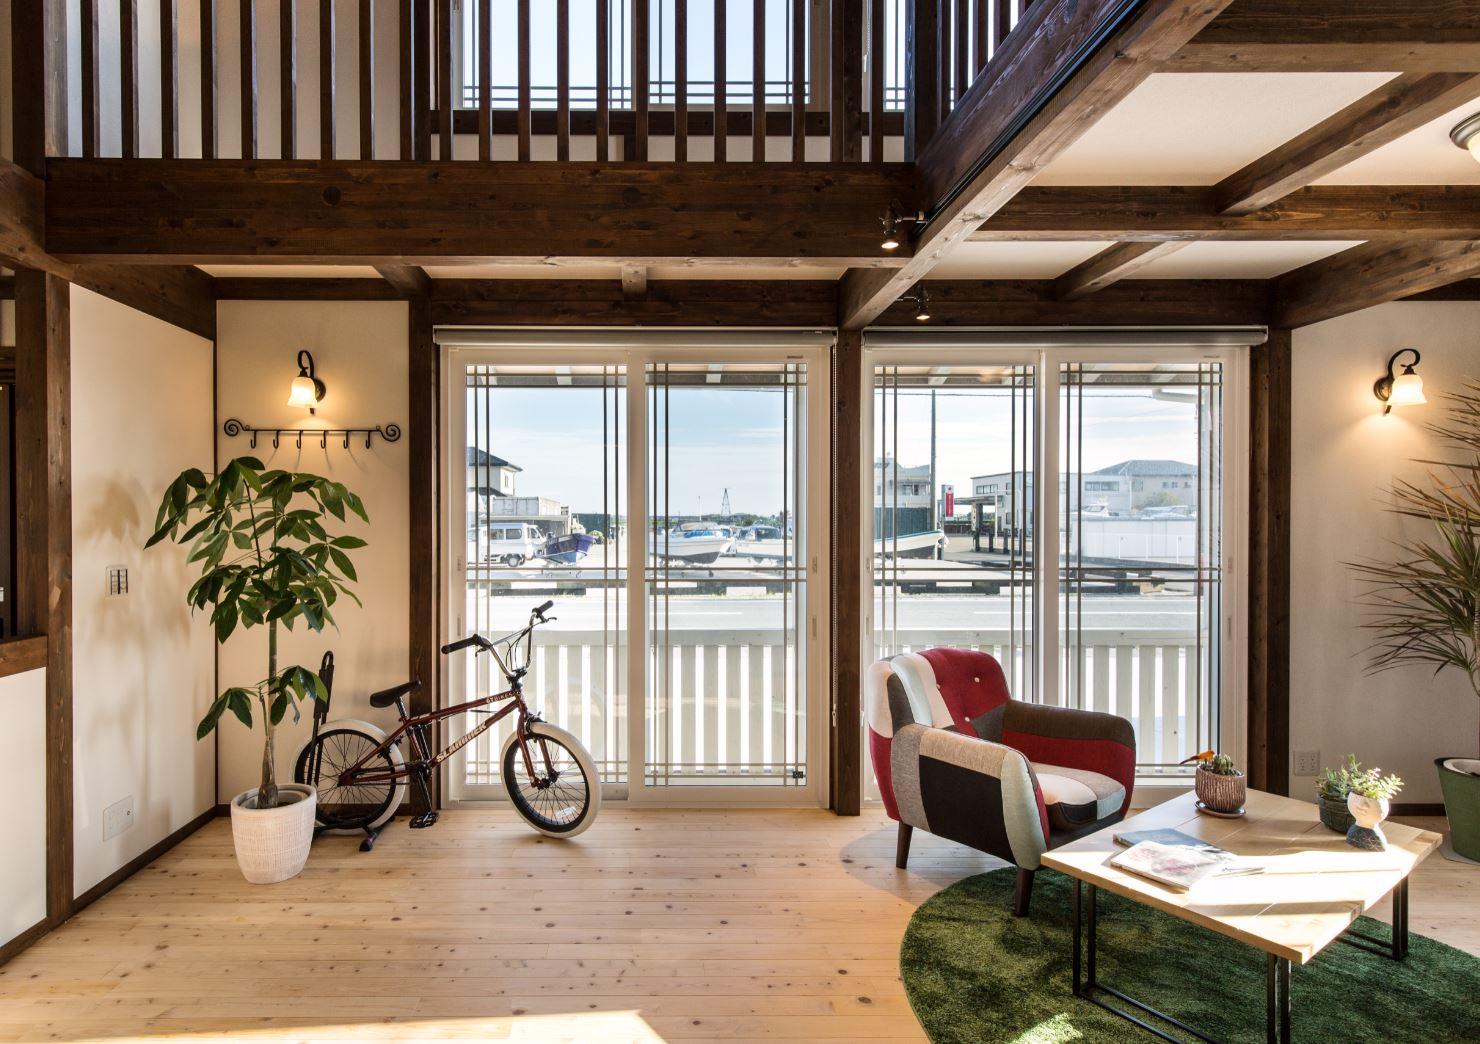 サイエンスホーム【浜松市西区雄踏町宇布見9849・モデルハウス】リビングと1.5階部分の窓からたっぷりと光が差し込み室内はいつも明るい